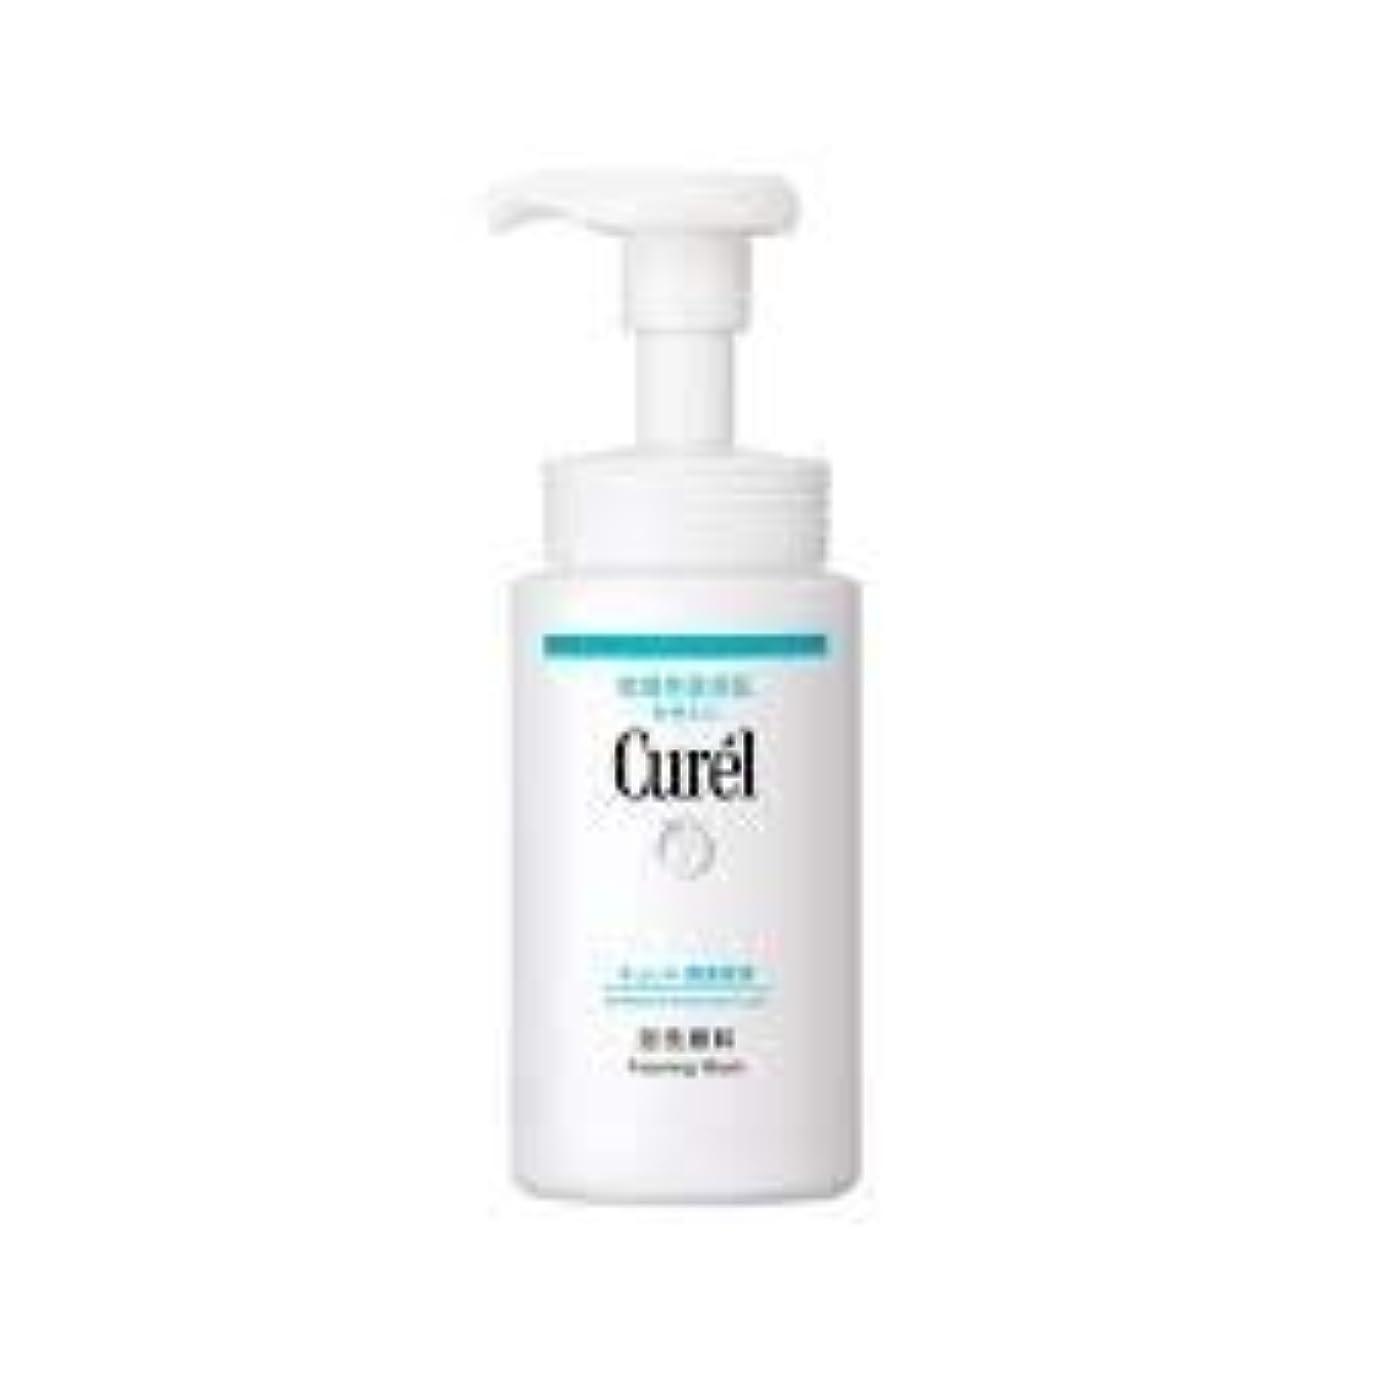 和削除する援助するCurél キュレル集中治療保湿泡風呂ゲル150ミリリットル - セラミドの保護や食材を清掃含まれ、皮膚に圧力を最小限にします